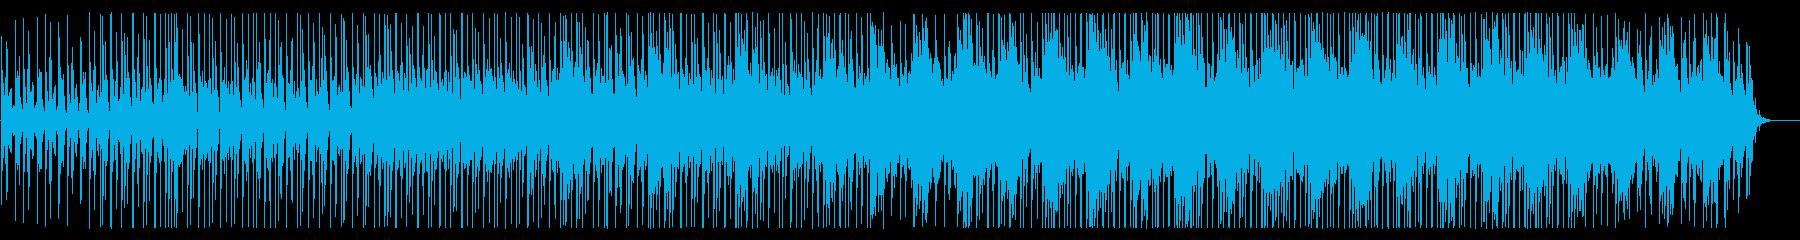 軽快でクールなチュートリアル向けBGMの再生済みの波形